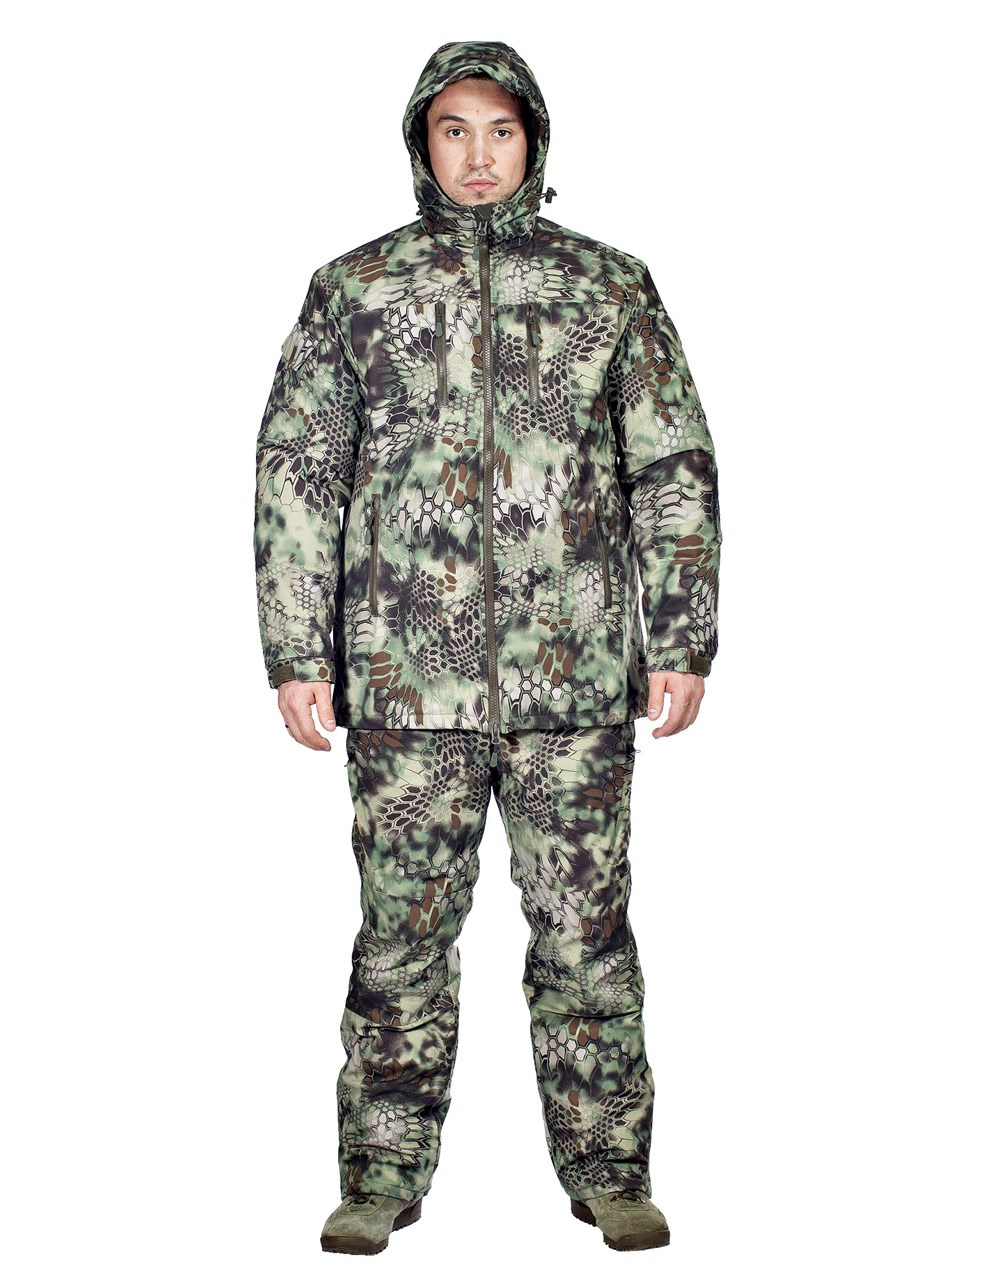 Костюм зимний МПА-38-01 (мембрана, питон лес), Костюмы утепленные<br>Костюм состоит из брюк с плечевой разгрузочной <br>системой, а также куртки со съемным капюшоном <br>и утепляющей подкладкой. Разработан для <br>подразделений воооруженных сил, действующих <br>в условиях экстремального холода (до -50 <br>градусов Цельсия). ХАРАКТЕРИСТИКИ ЗАЩИТА <br>ОТ ХОЛОДА ДЛЯ ИНТЕНСИВНЫХ НАГРУЗОК ДЛЯ <br>АКТИВНОГО ОТДЫХА ТОЛЬКО РУЧНАЯ СТИРКА МАТЕРИАЛЫ <br>МЕМБРАНА УТЕПЛИТЕЛЬ ФАЙБЕРСОФТ<br><br>Пол: мужской<br>Размер: 58<br>Рост: 182<br>Сезон: зима<br>Цвет: зеленый<br>Материал: мембрана